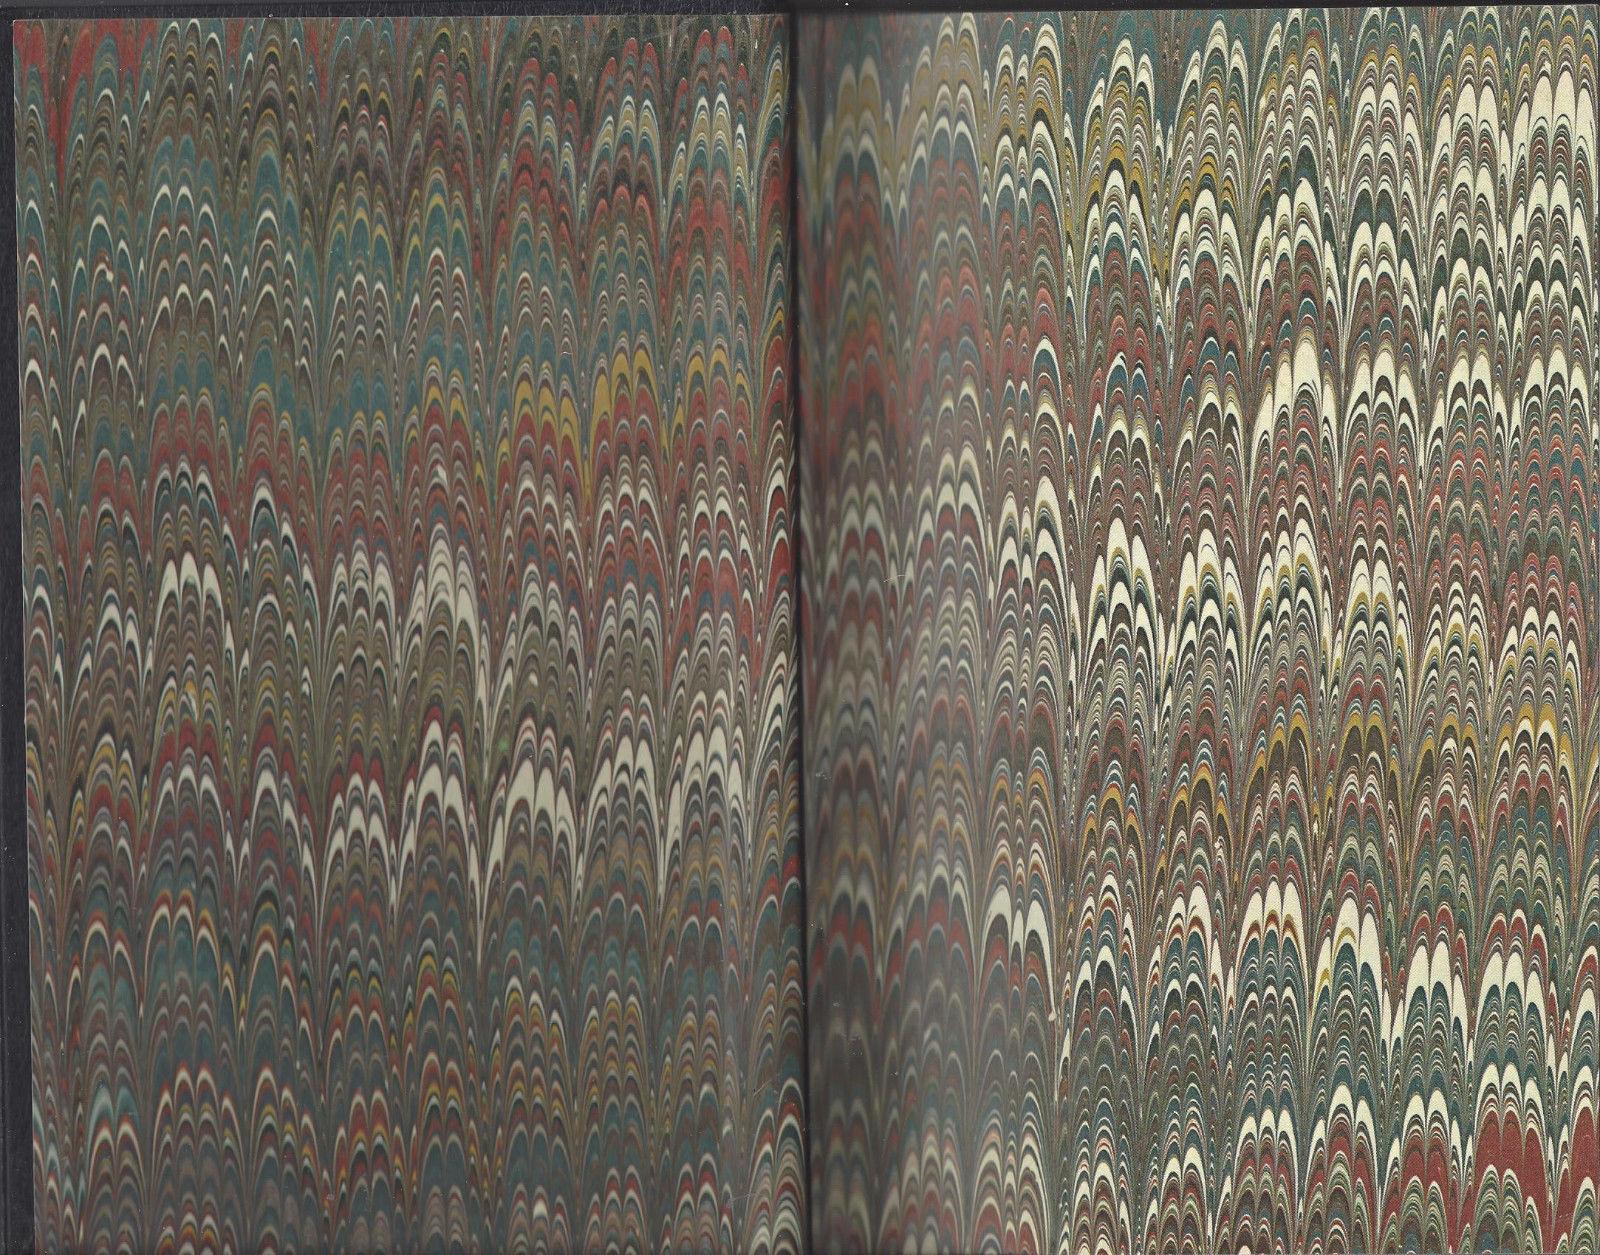 agatha christie bantam books endpapers